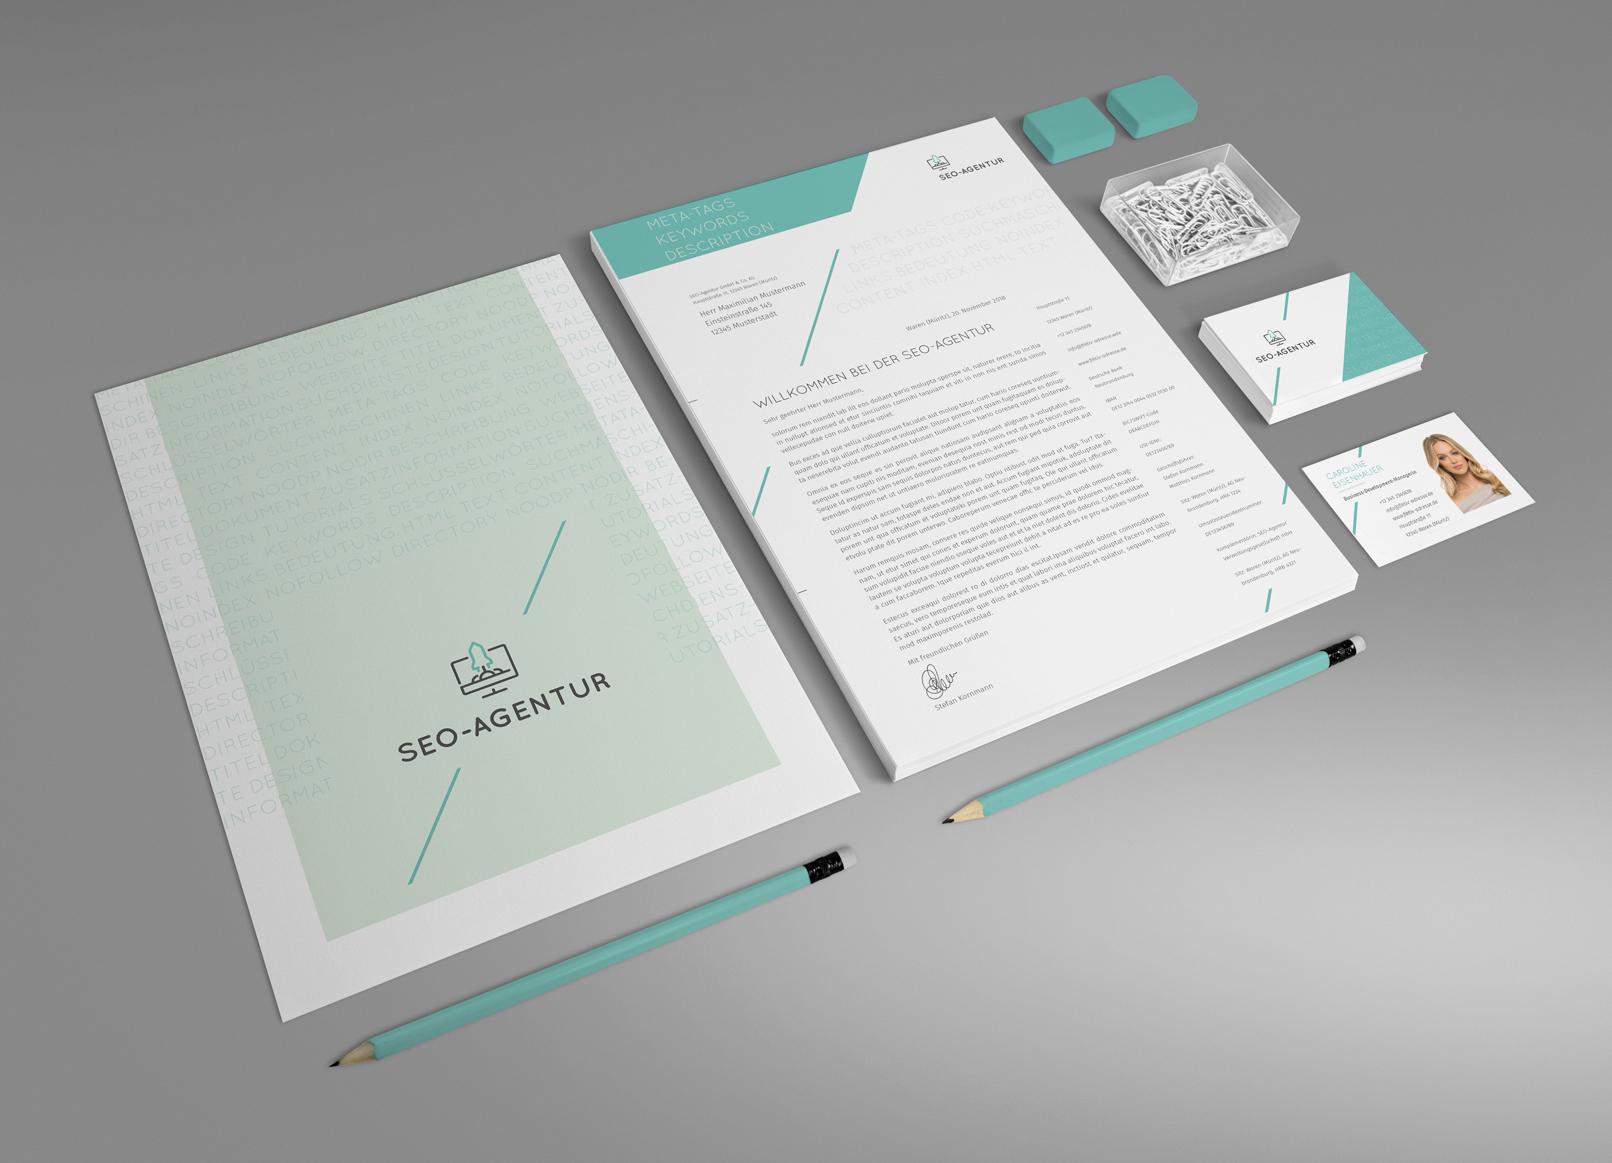 Mockup für verschiedene Printmedien